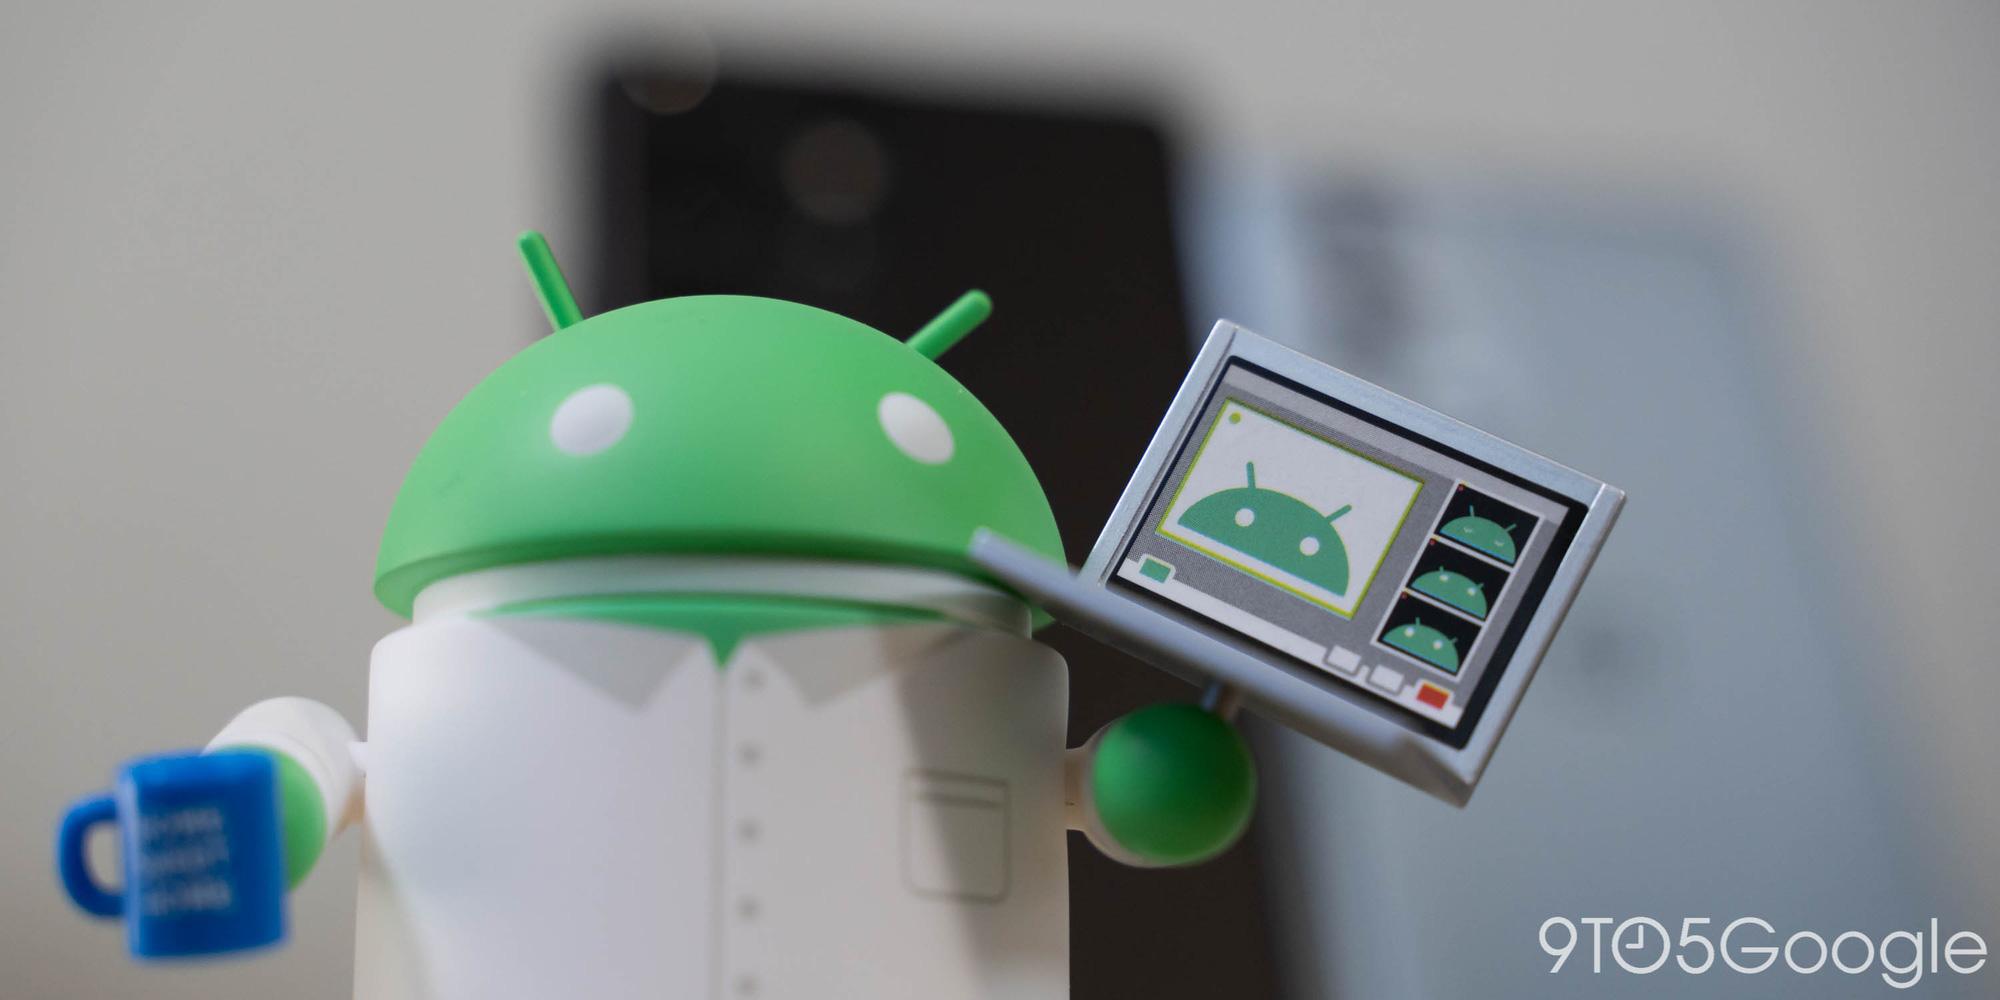 Từ bỏ APK để chuyển sang định dạng mới, một mũi tên trúng hai đích của Google - Ảnh 5.